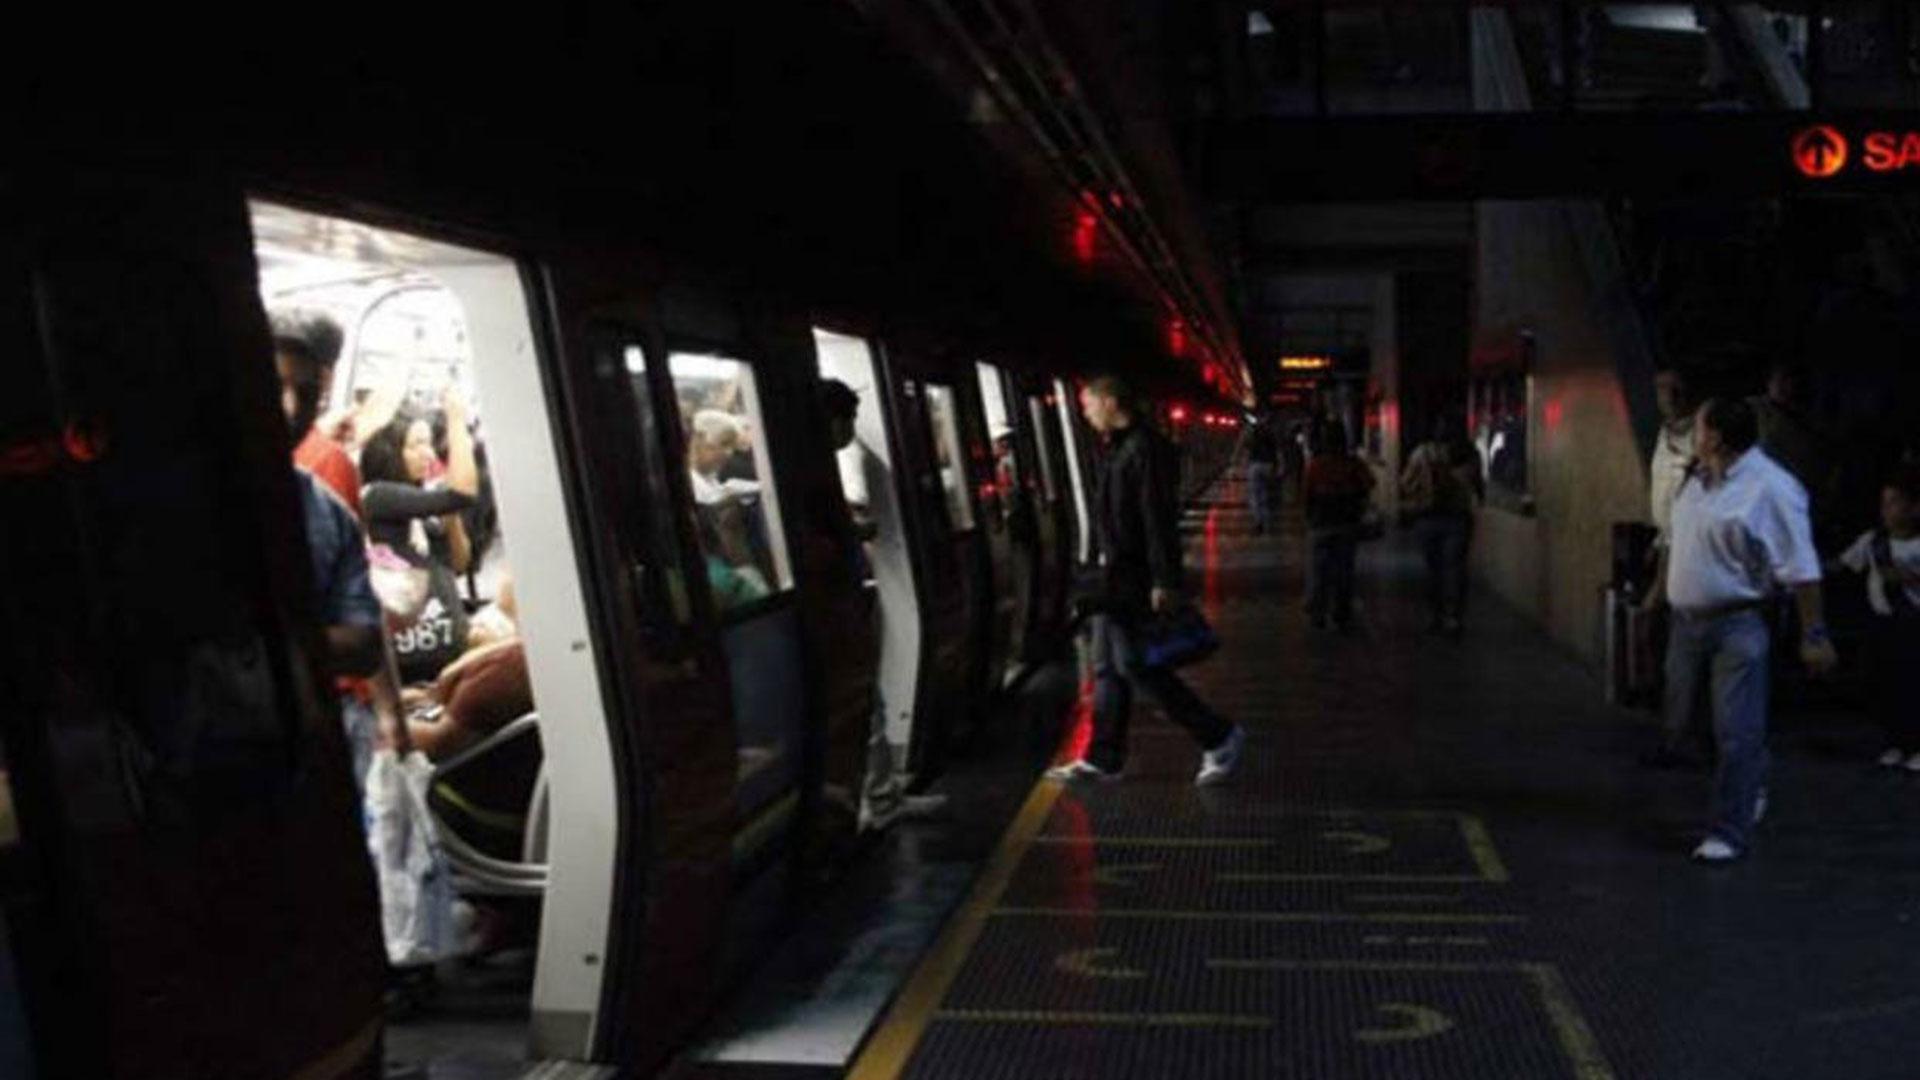 El servicio del Metro, vital en la movilización de pasajeros ante el colapso del transporte público, vio suspendida sus actividades por causa de la falla, lo que obligó a miles de personas a caminar largos trayectos para llegar a sus destinos.